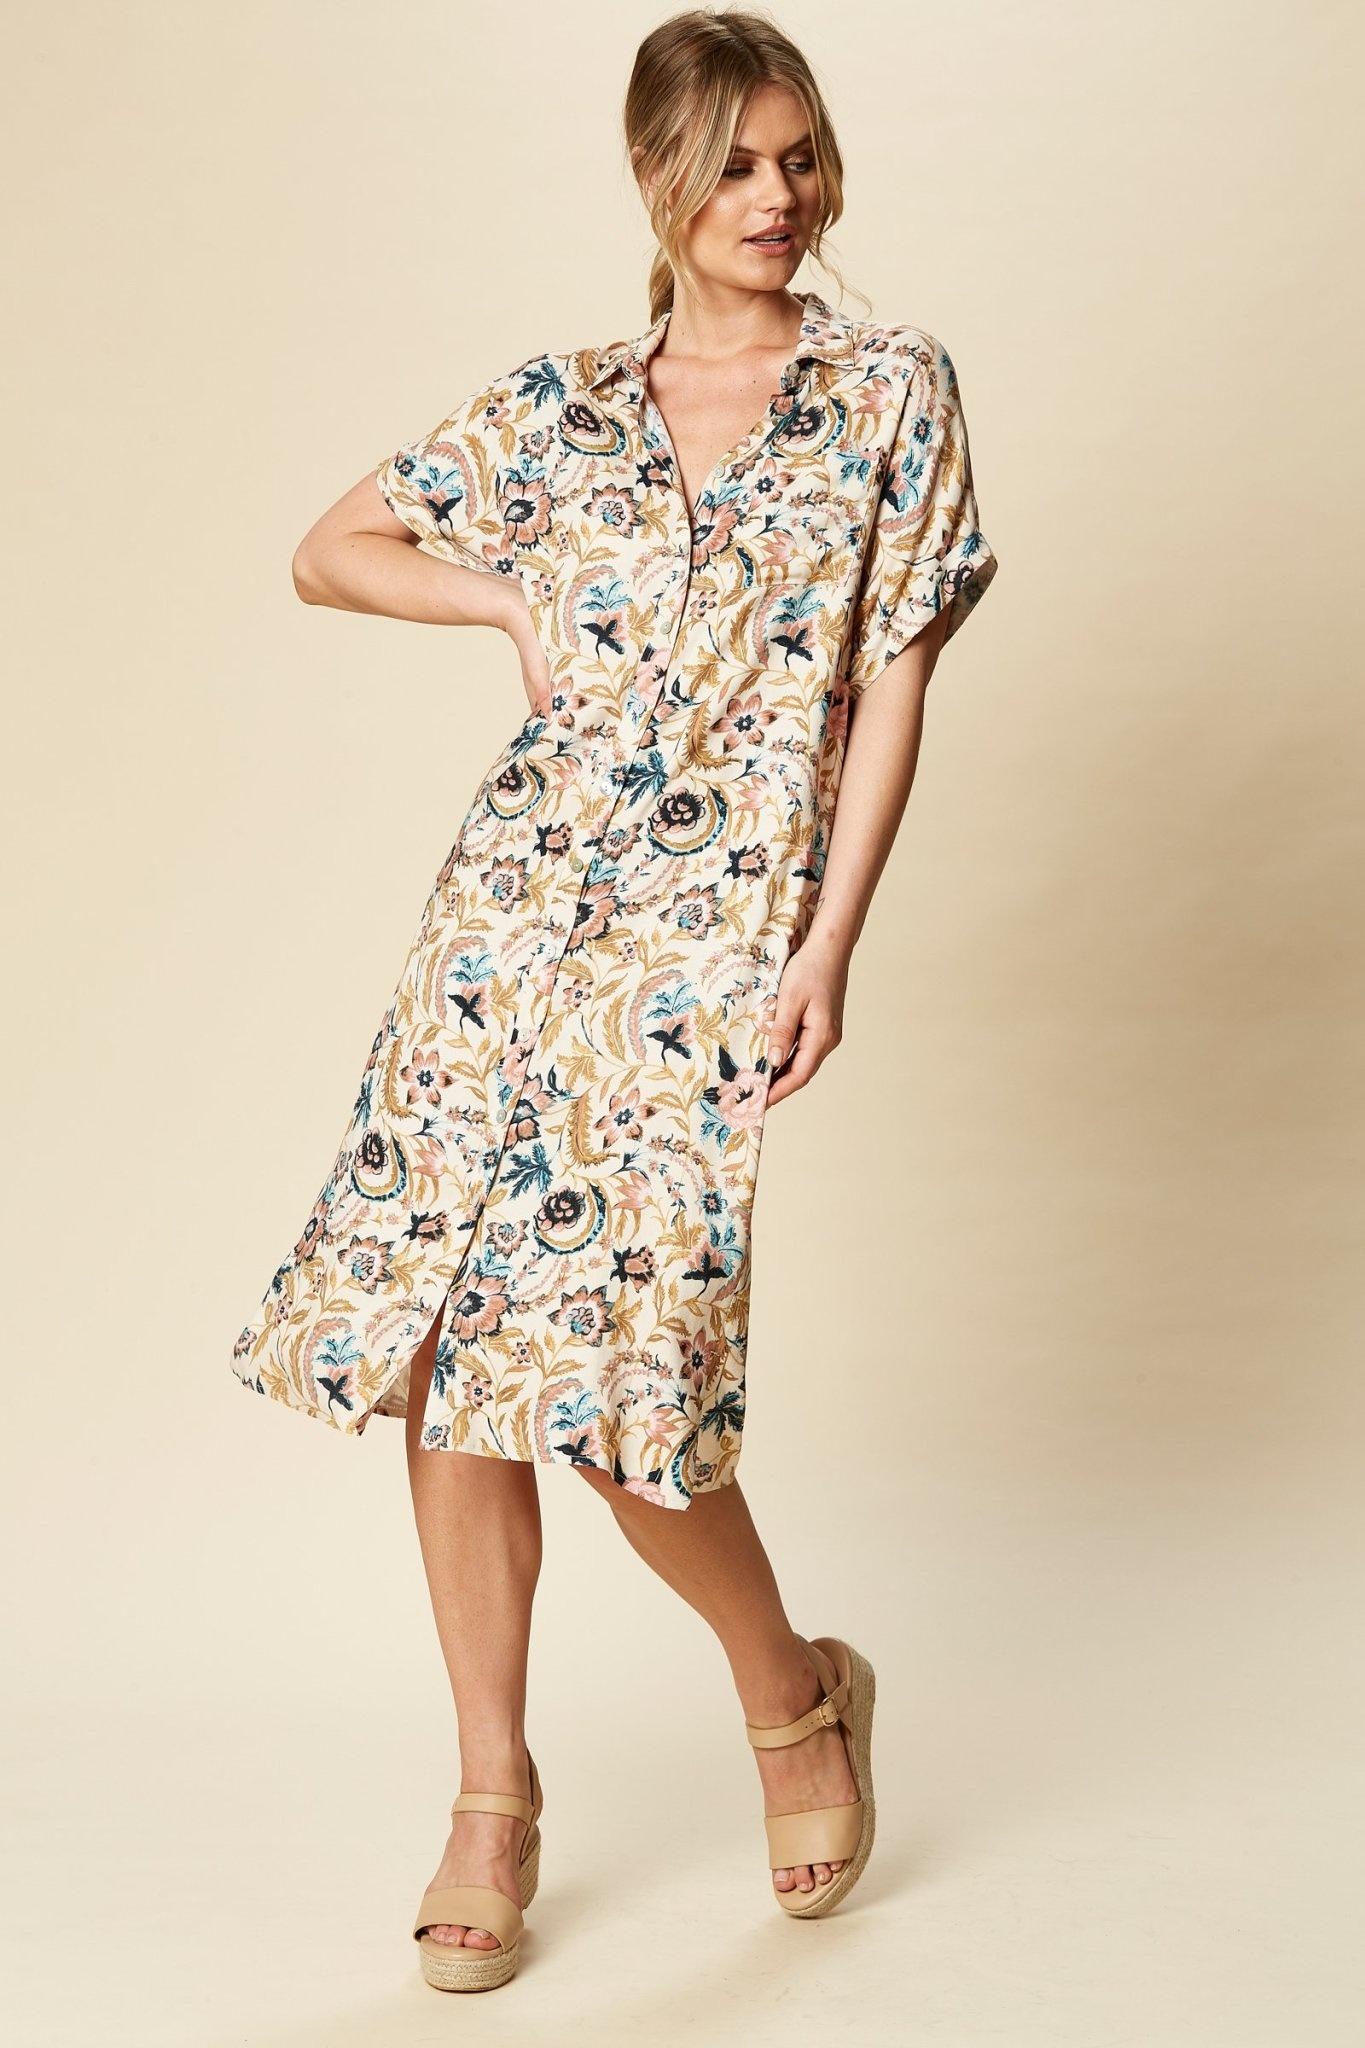 Eb & Ive Ohana Shirt Dress